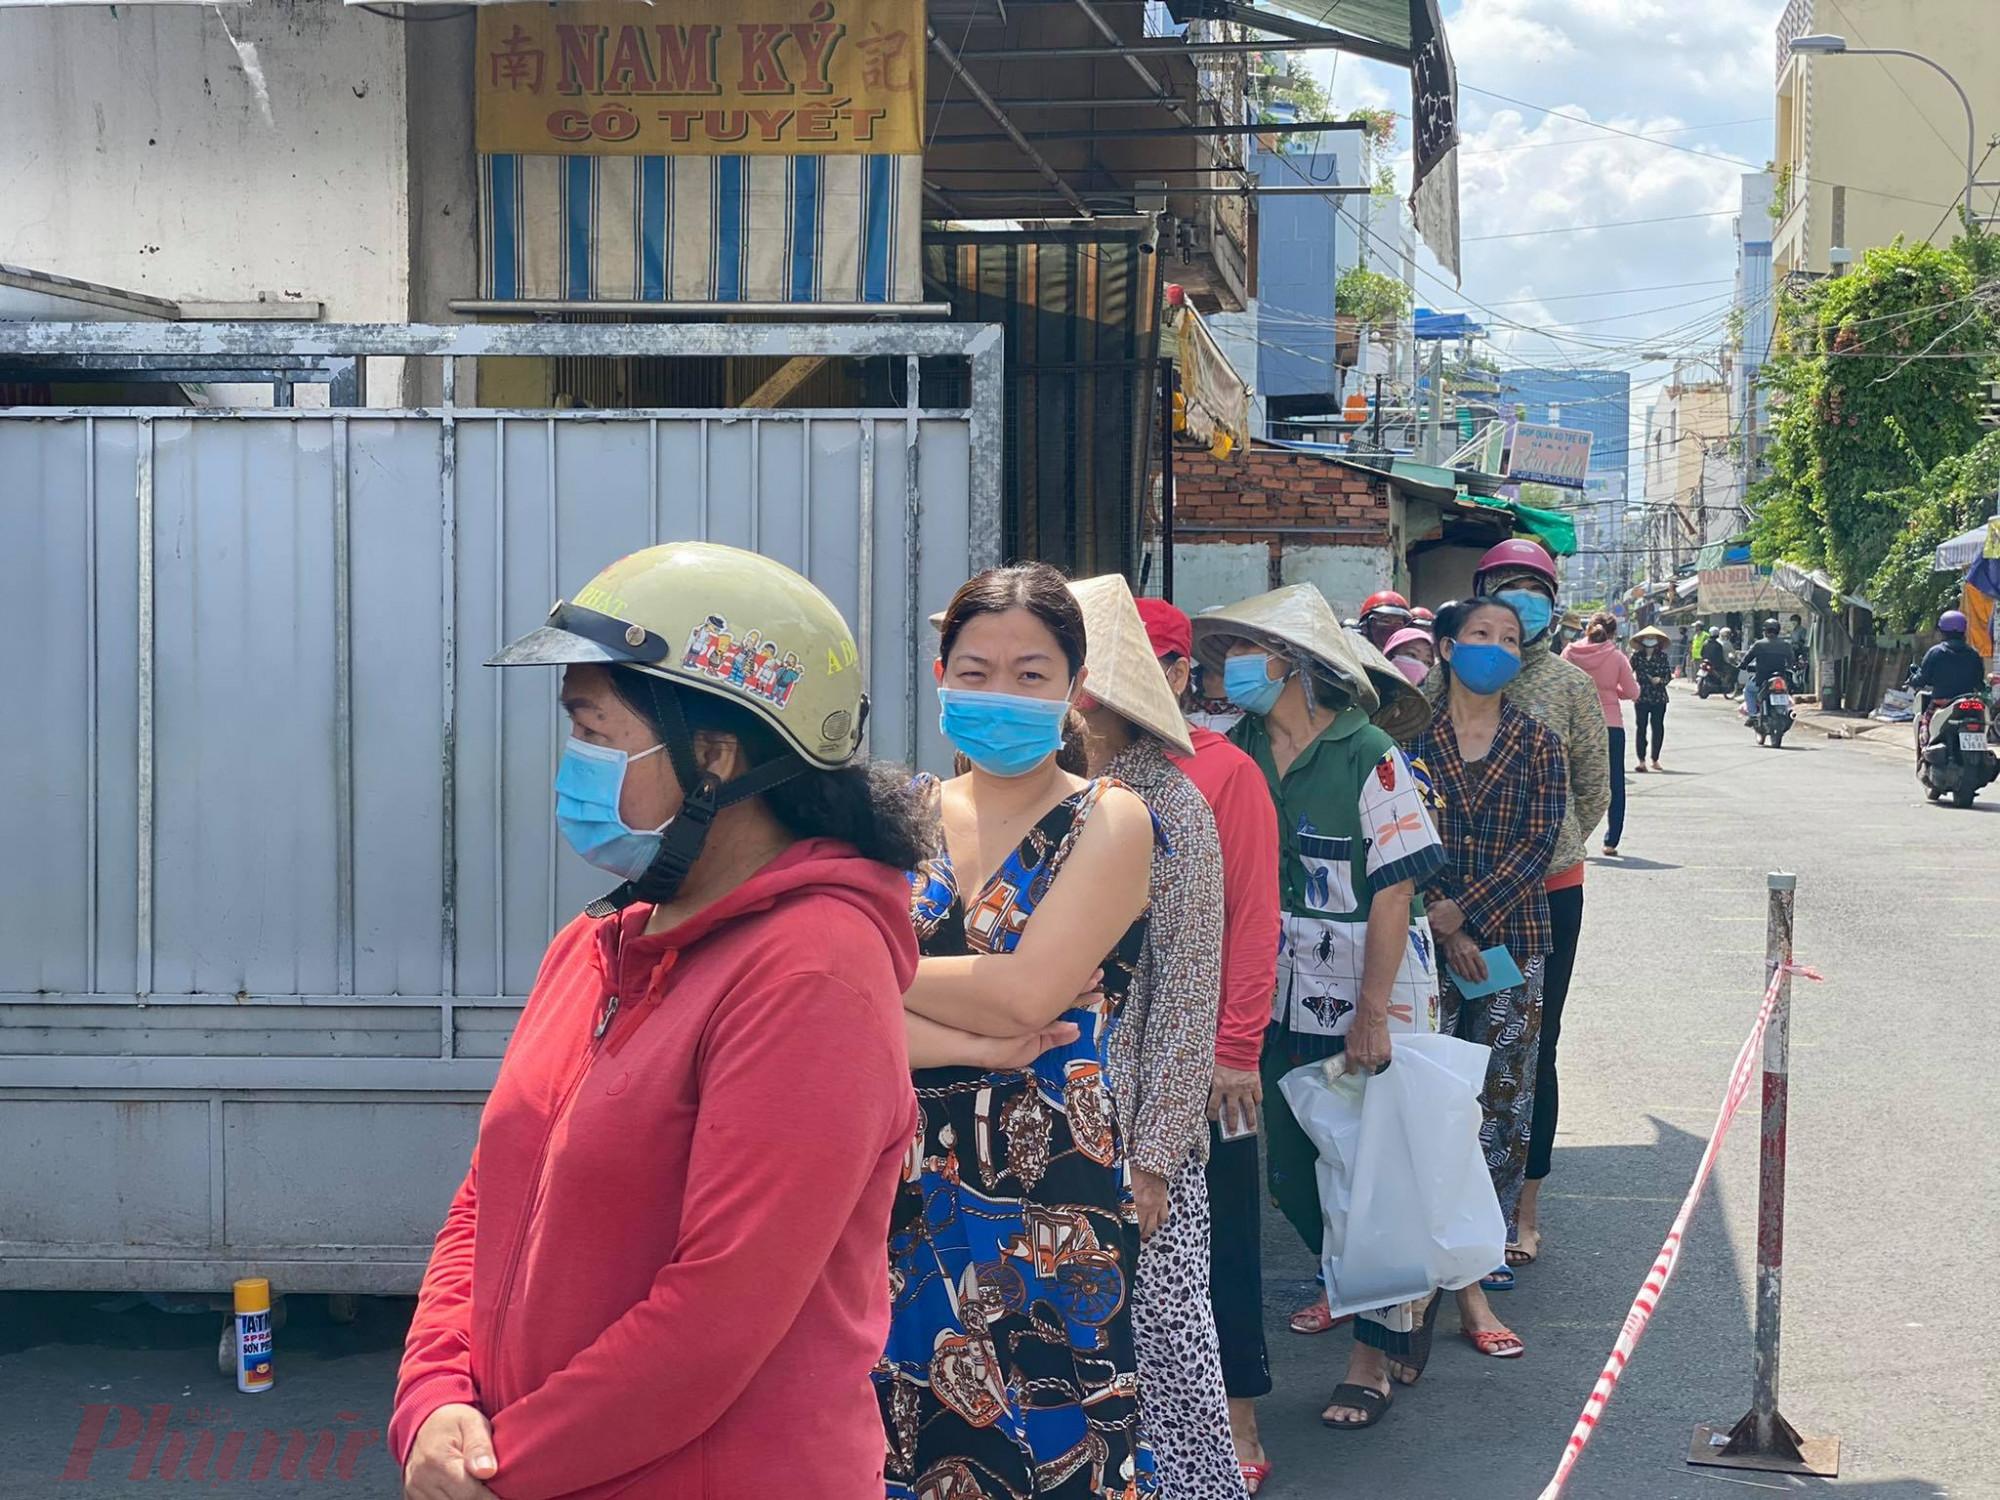 Người  dân xếp hàng đợi  đến lượt vào chợ Bình Thới. Tất  cả  đều  thực  hiện  5K  theo  quy  địnhh.